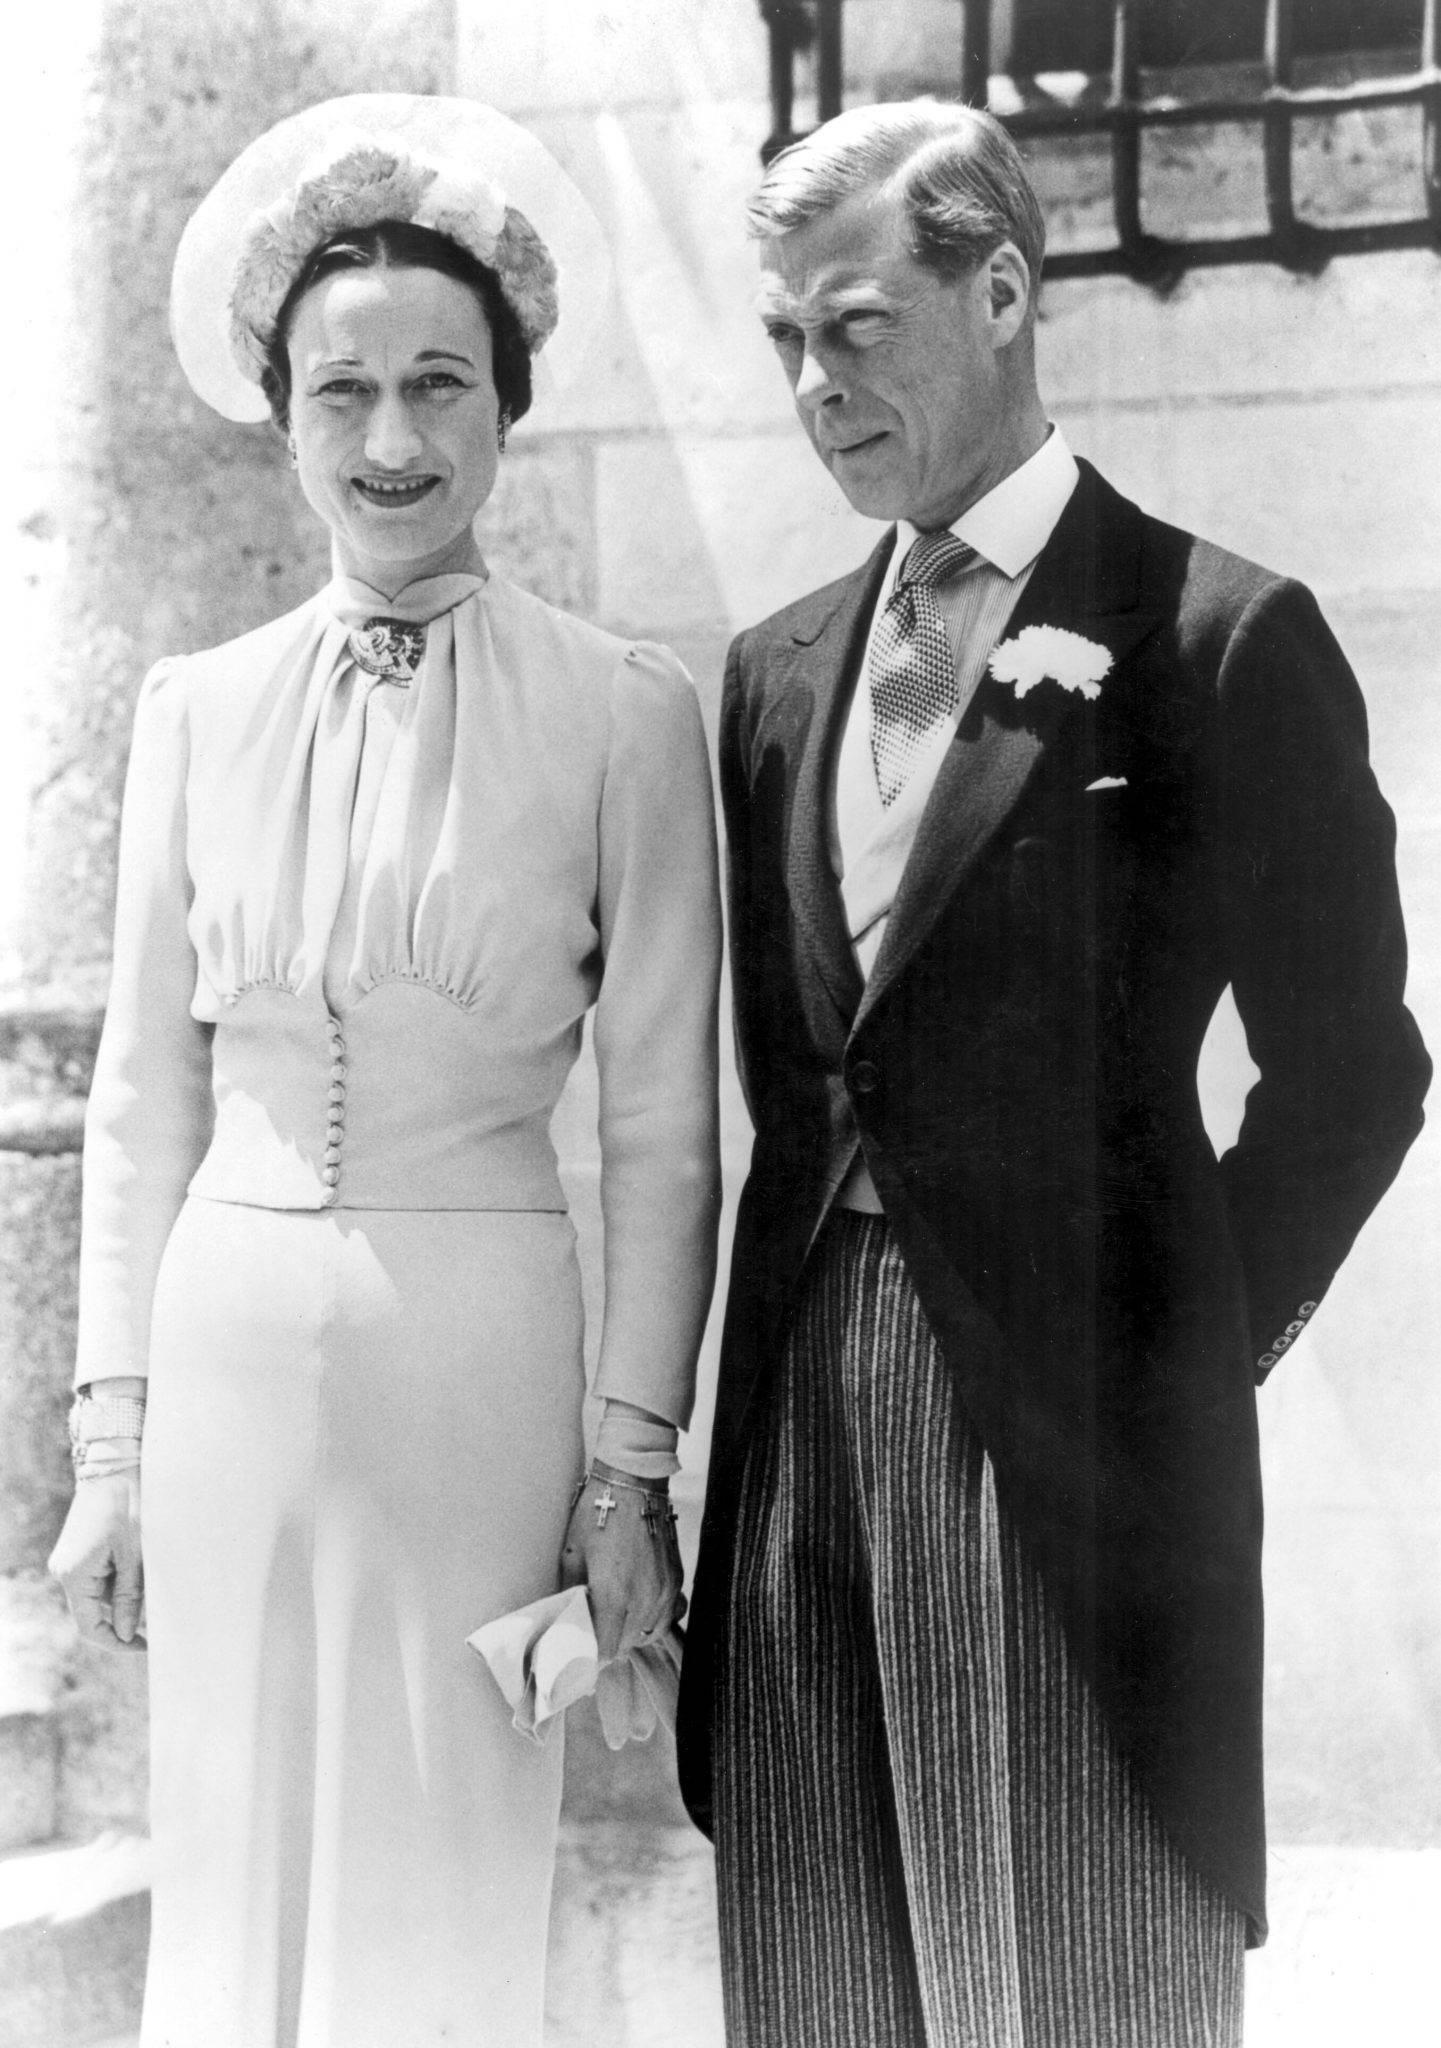 Ślub Wallis Simpson i księcia Edwarda – 1937 rok